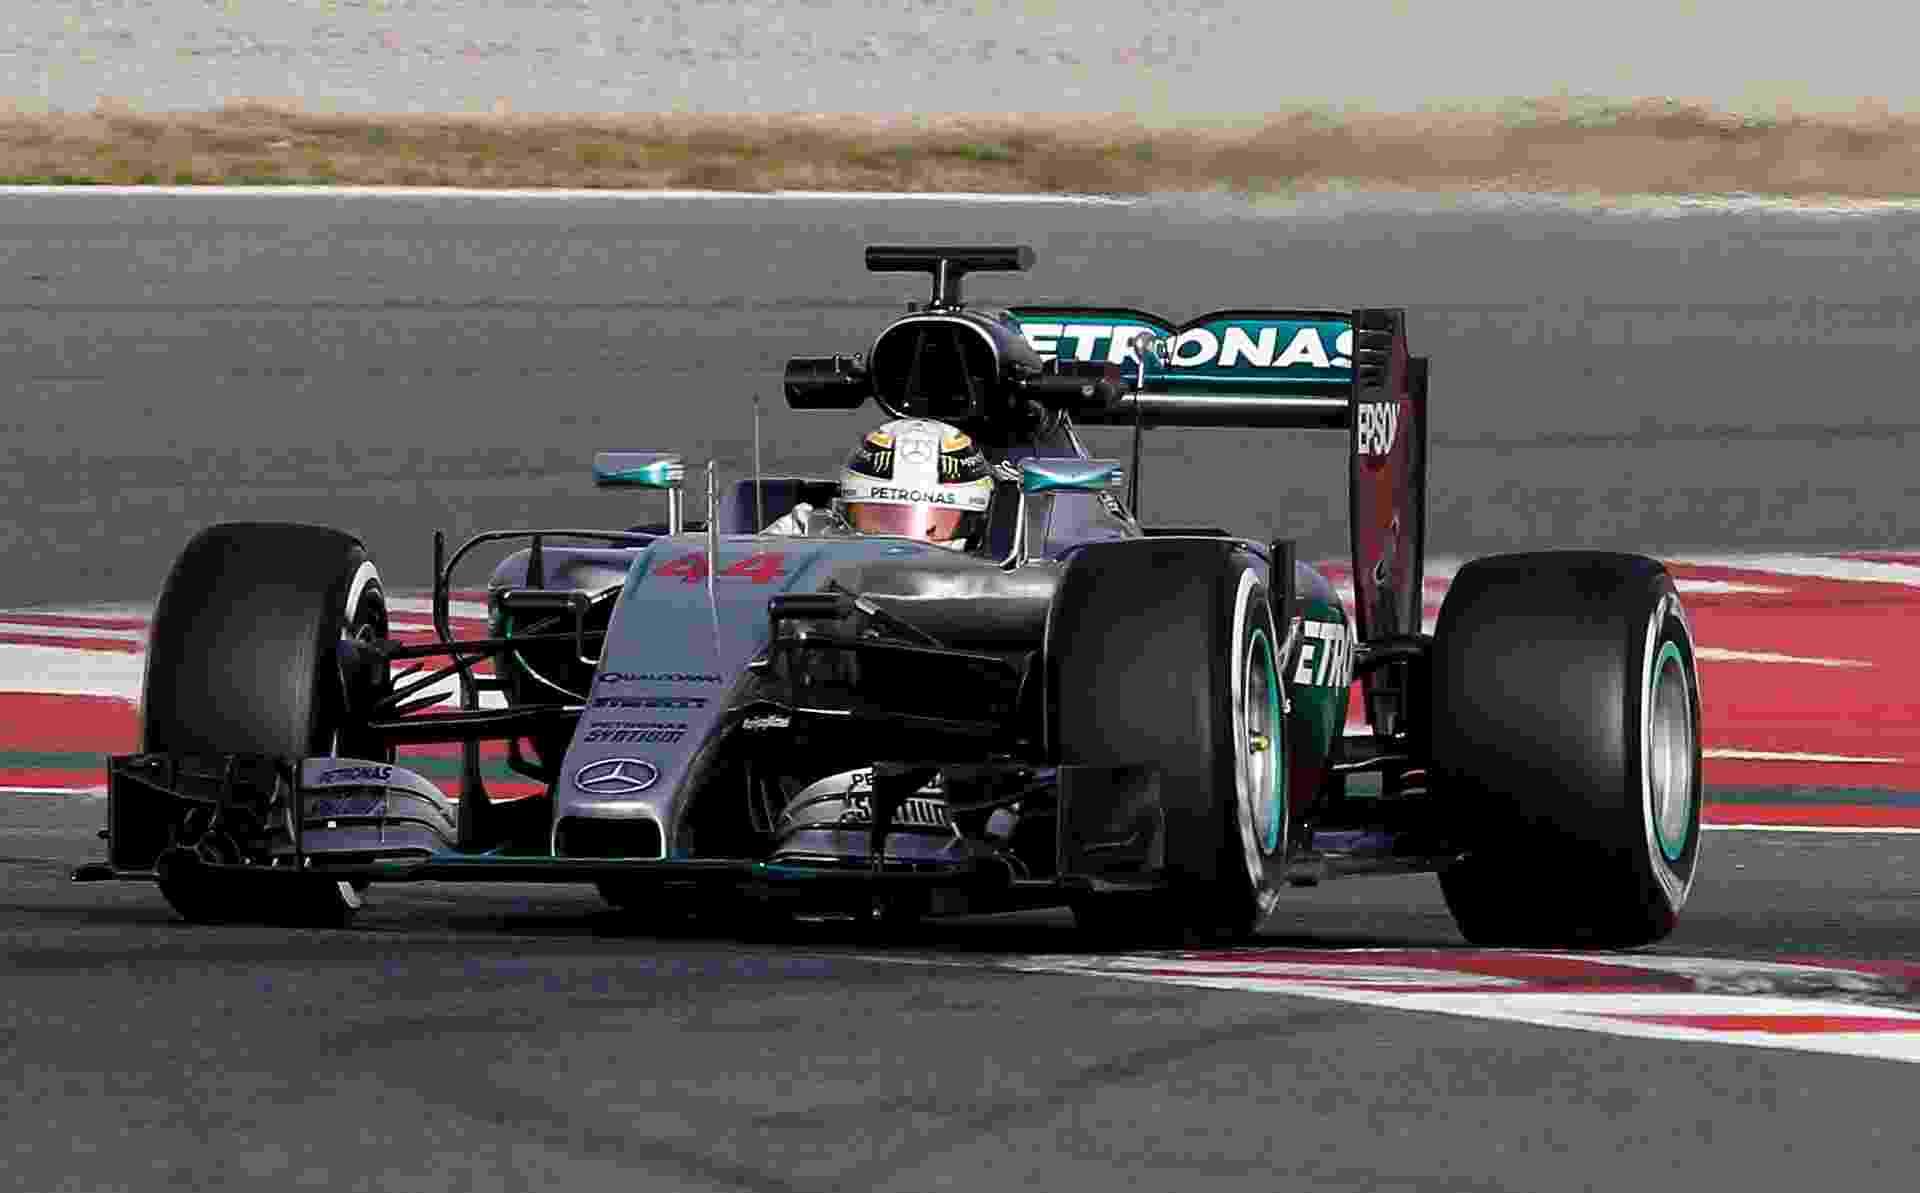 Lewis Hamilton participa do primeiro dia de testes coletivos da Fórmula 1 em Barcelona - José Jordan/AFP Photo